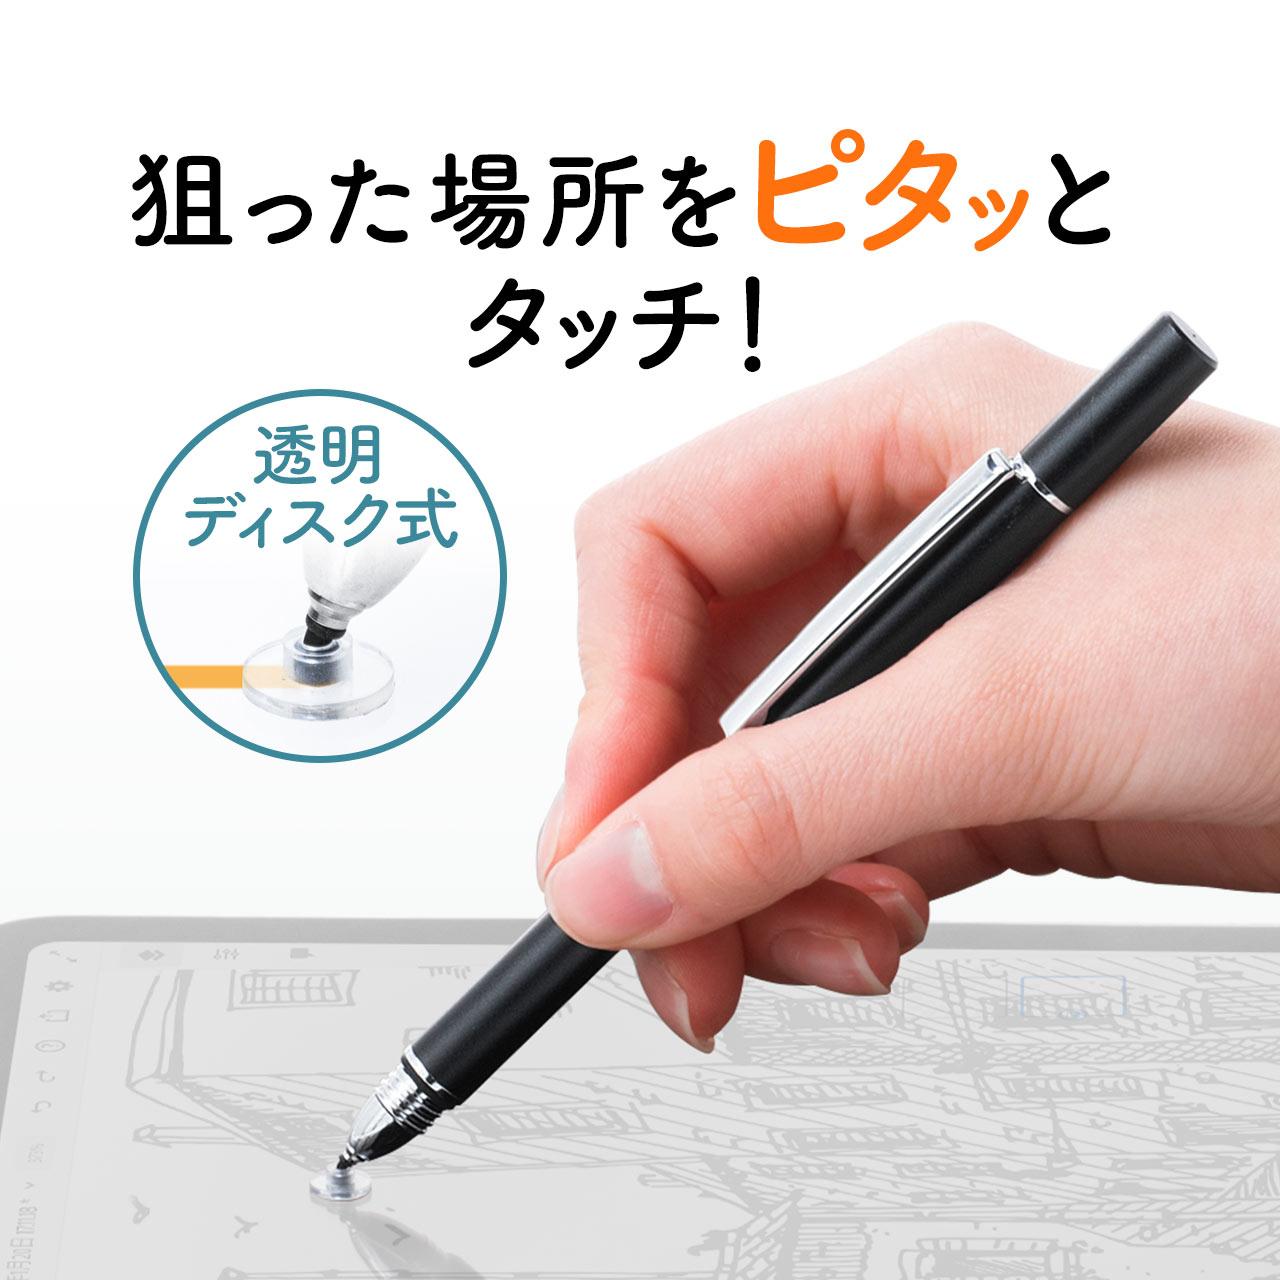 200-PEN036BK 即納最大半額 奉呈 サンワダイレクト限定品 ネコポス対応 タッチペン スタイラス 透明ディスク iPhone タブレット 円盤 iPad スマートフォン キャップ付き